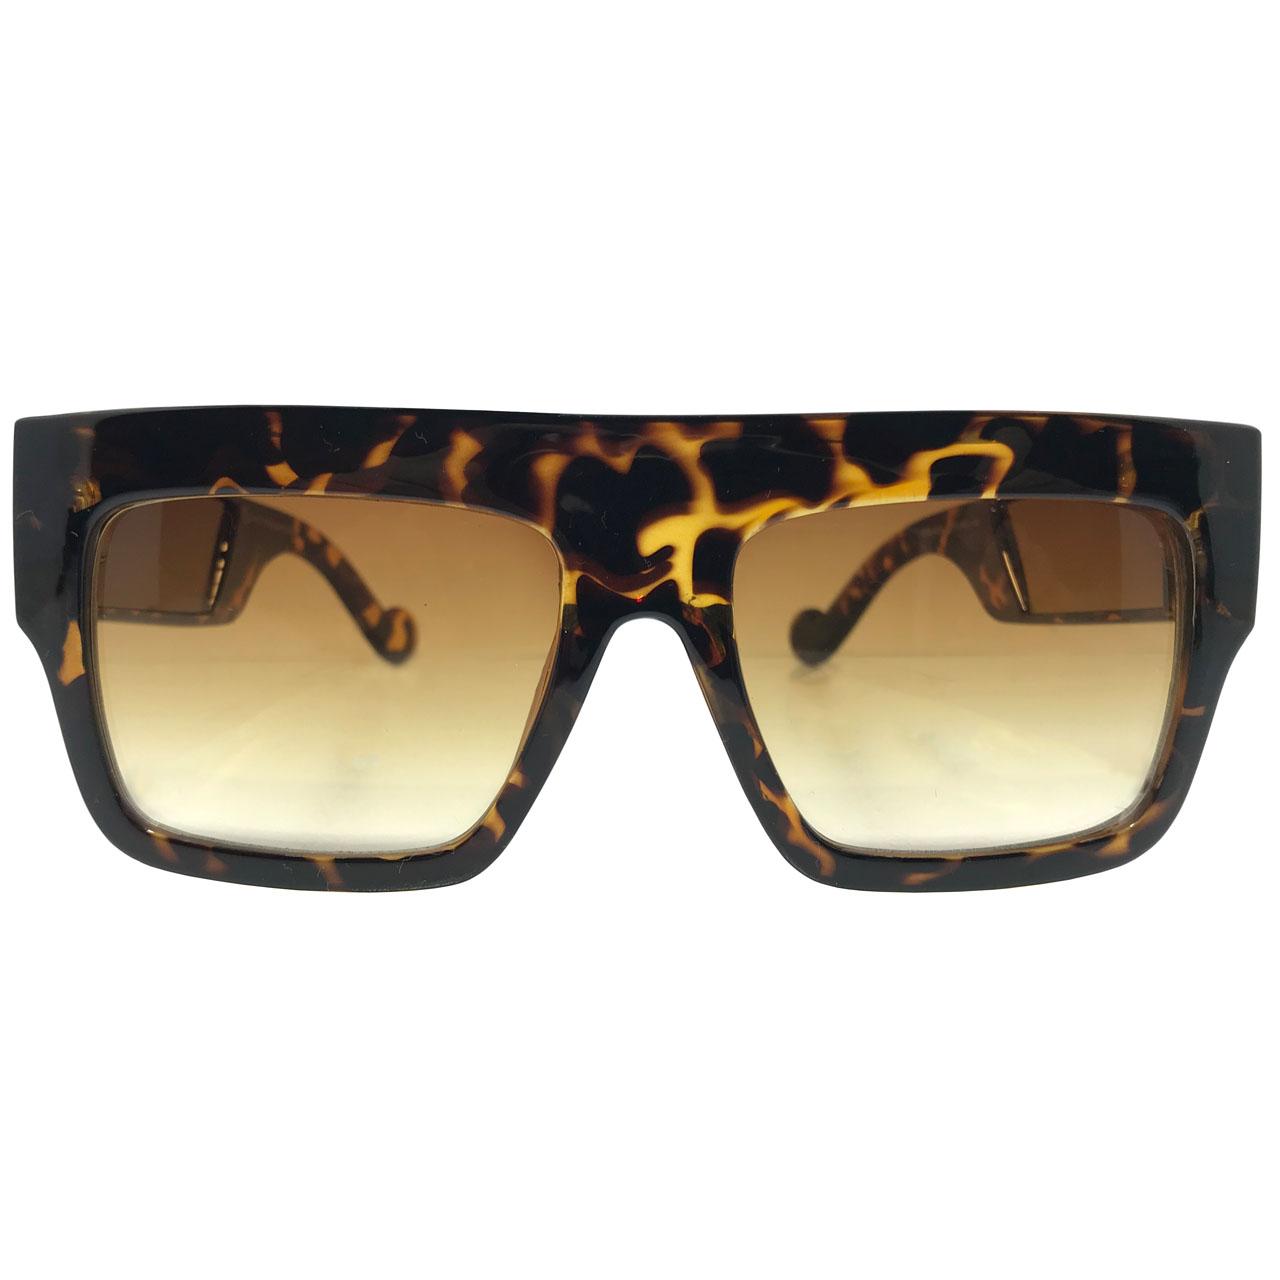 عکس عینک آفتابی زنانه مدل 2337 به همراه جاسوییچی چرم طبیعی طرح کفش هدیه